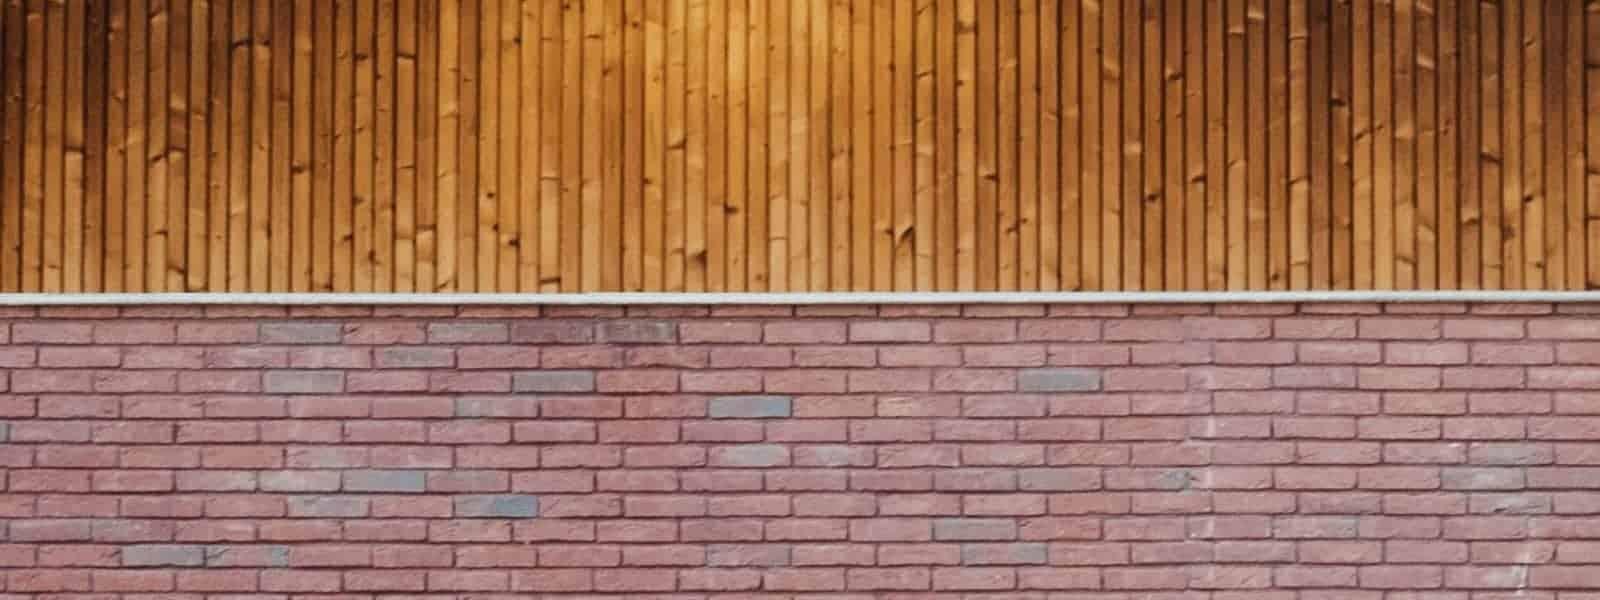 Fassadenverkleidung kaufen auf restado